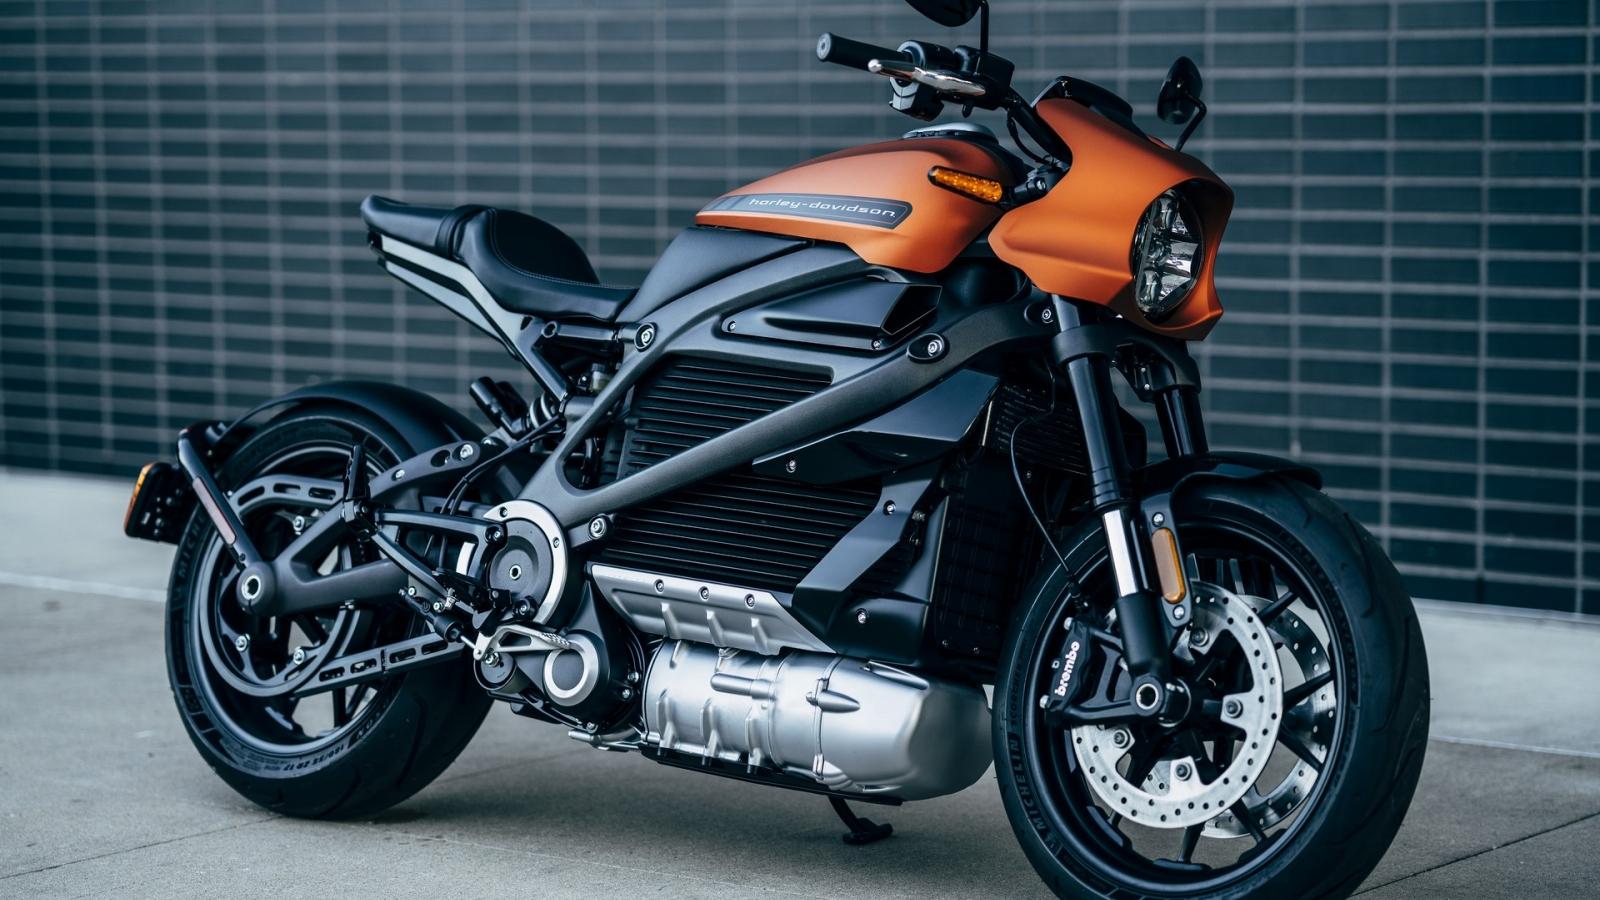 Harley-Davidson cung cấp chứng nhận sở hữu tại thị trường Mỹ